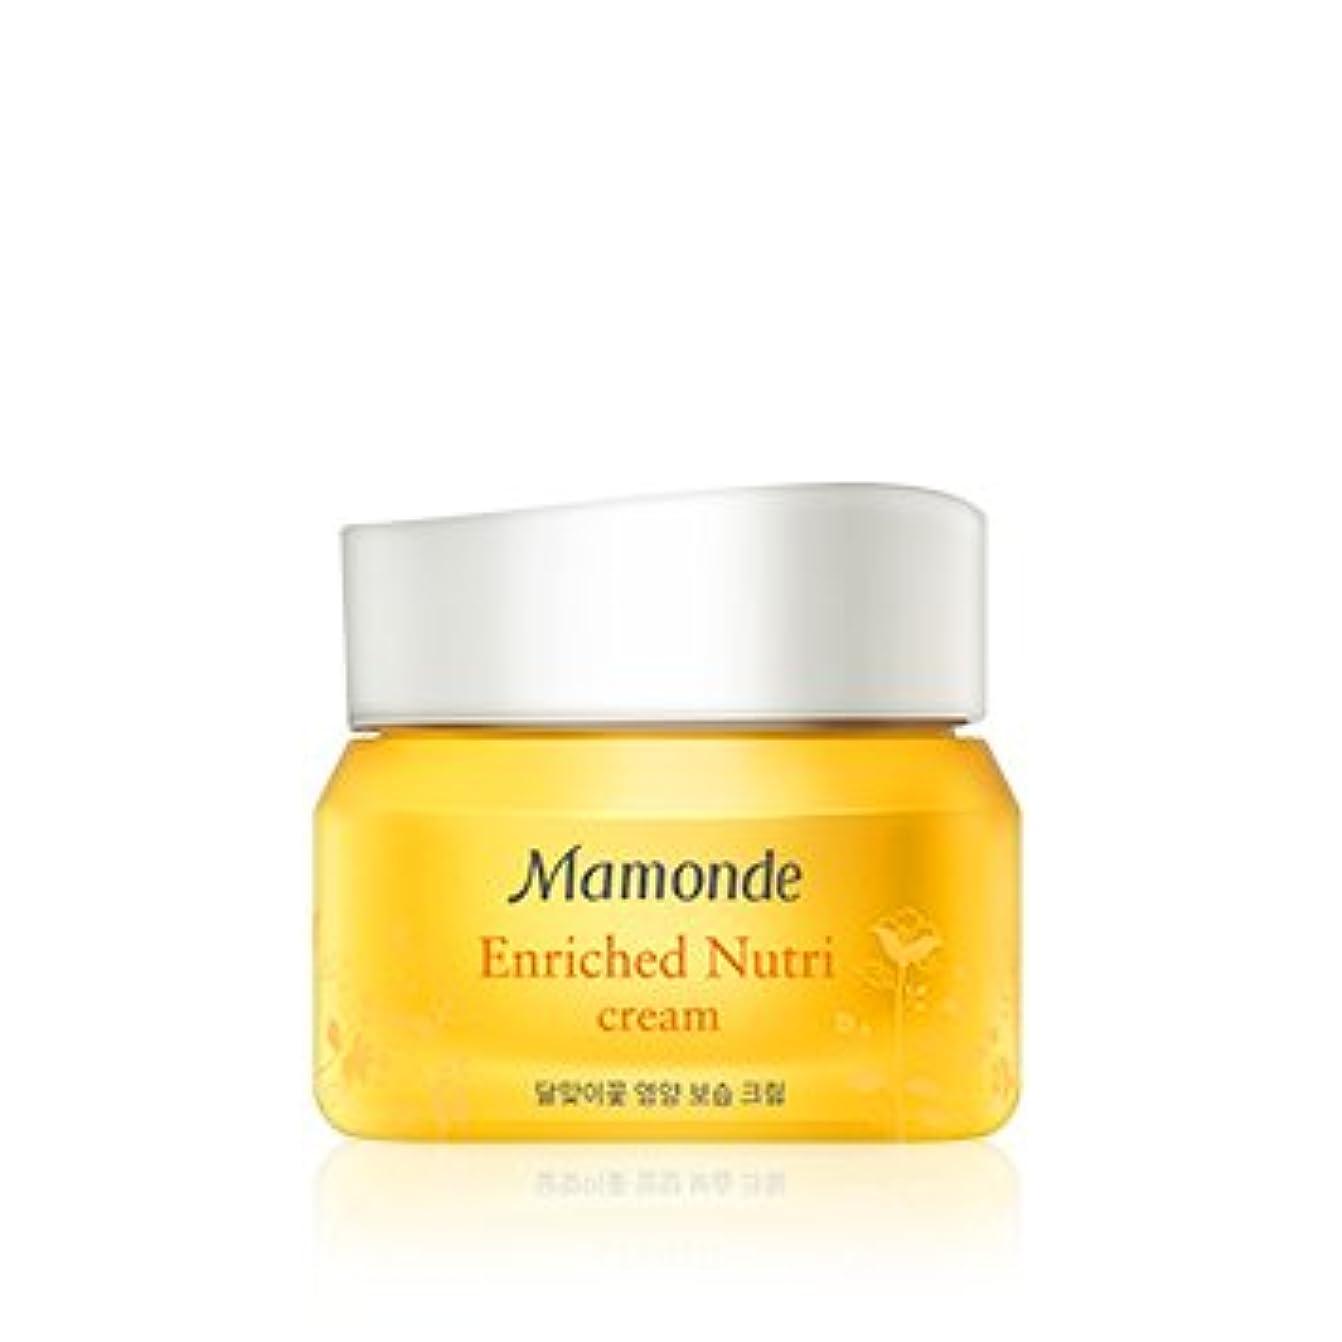 赤面協力するアジテーション[New] Mamonde Enriched Nutri Cream 50ml/マモンド エンリッチド ニュートリ クリーム 50ml [並行輸入品]